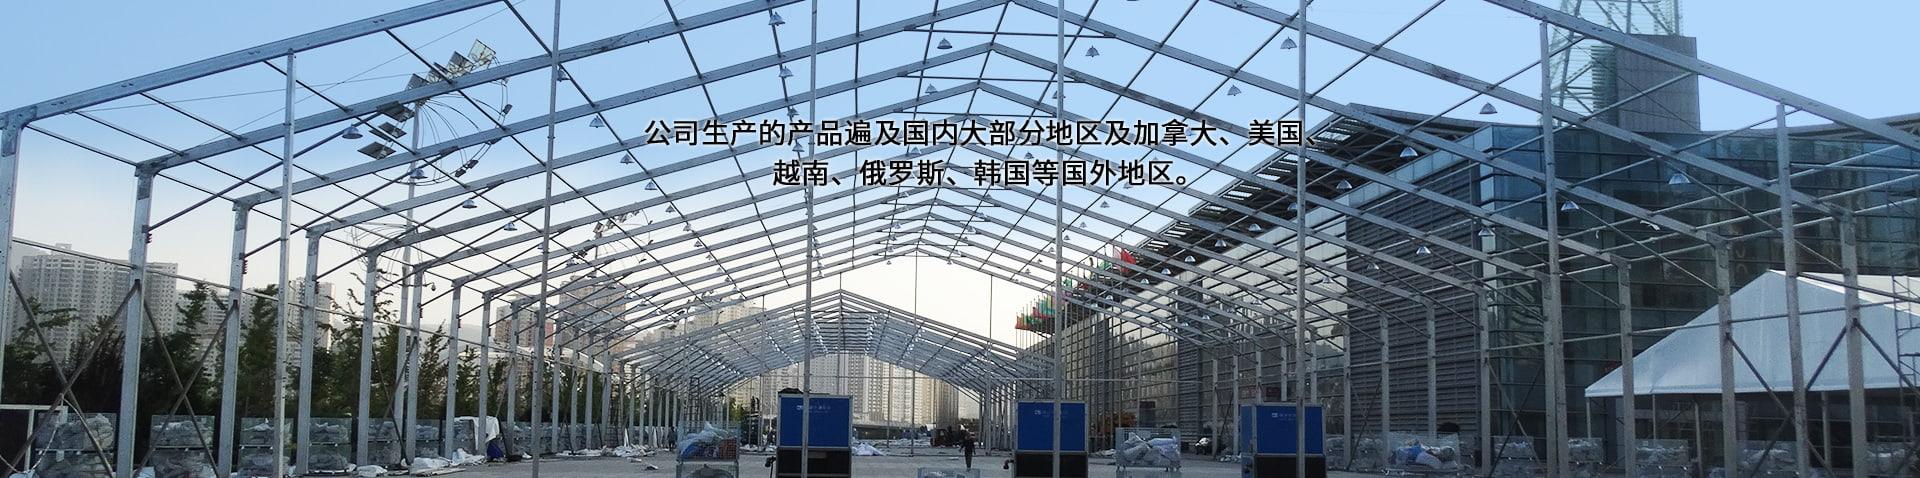 公司生产的产品遍及国内大部分地区及加拿大、美国、越南、俄罗斯、韩国等国外地区。